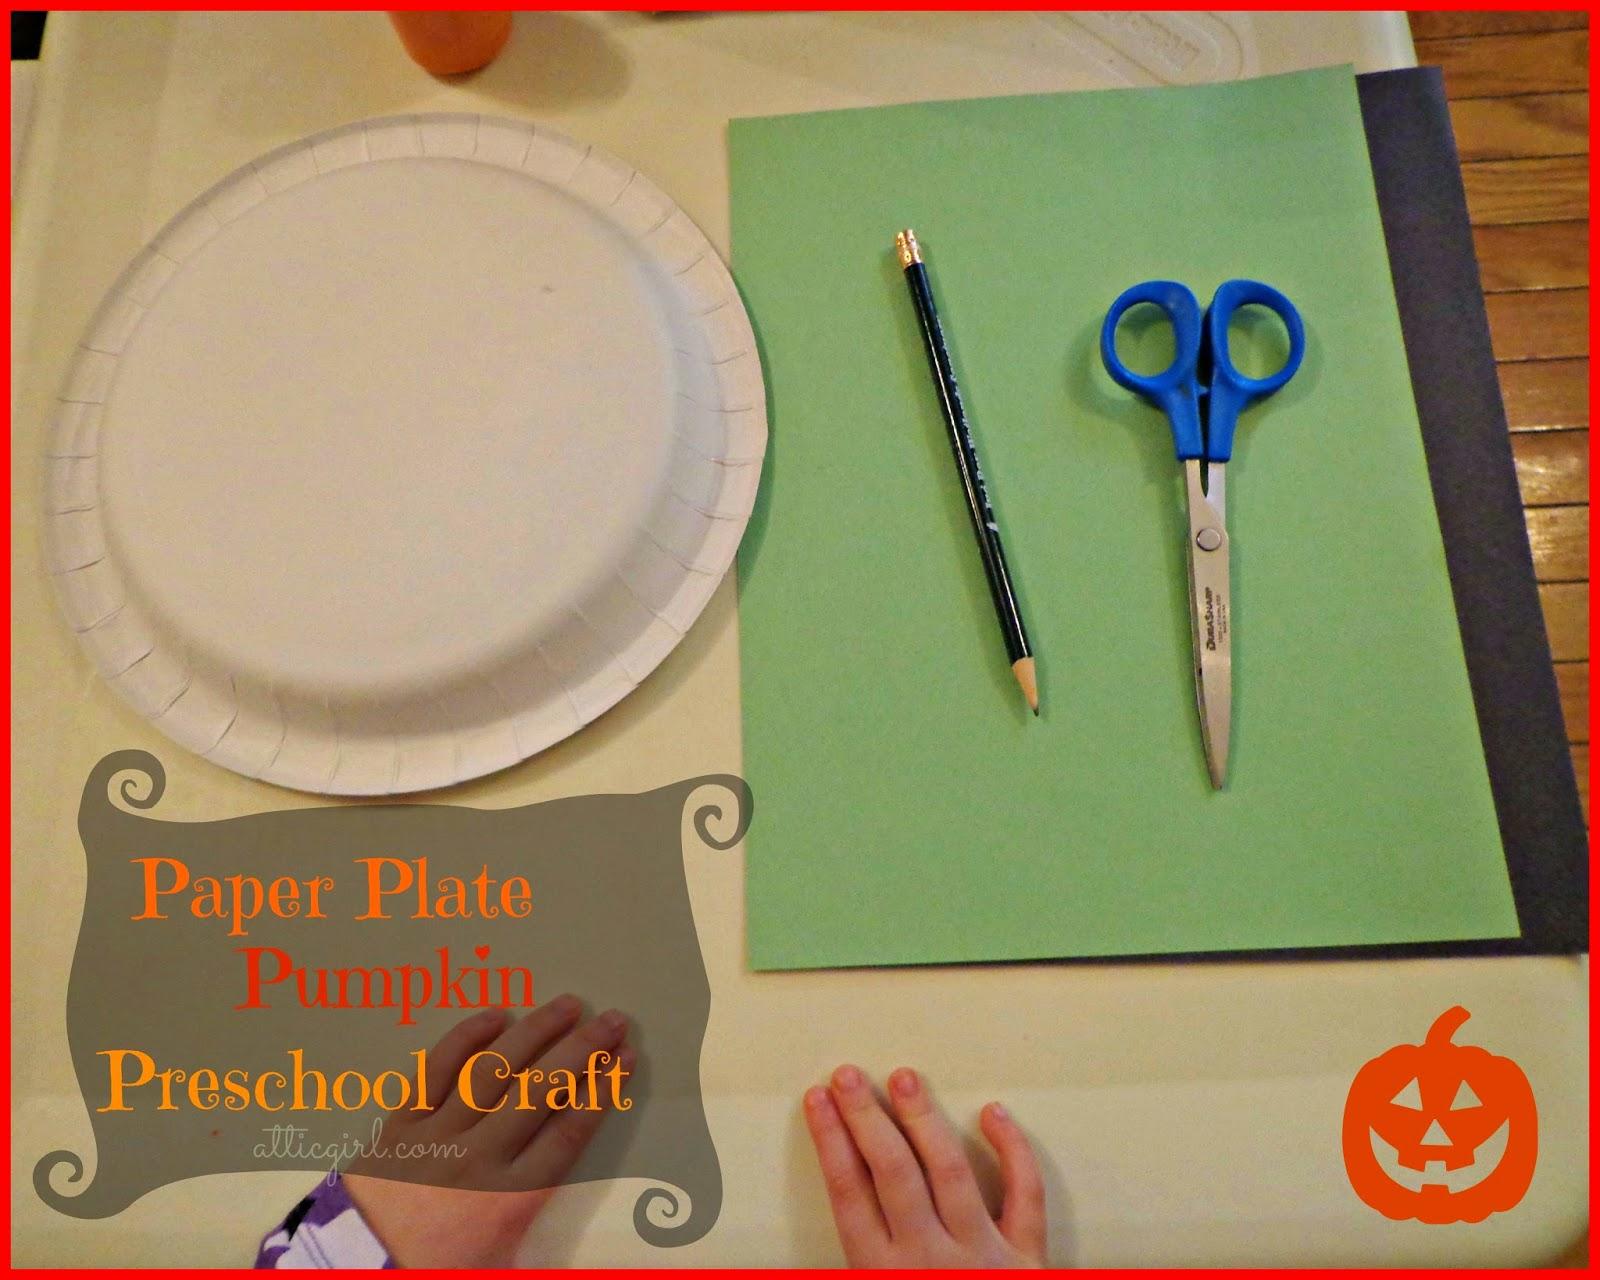 Paper Plate Pumpkin Craft, Books, & More Pumpkin Themed Activities ...